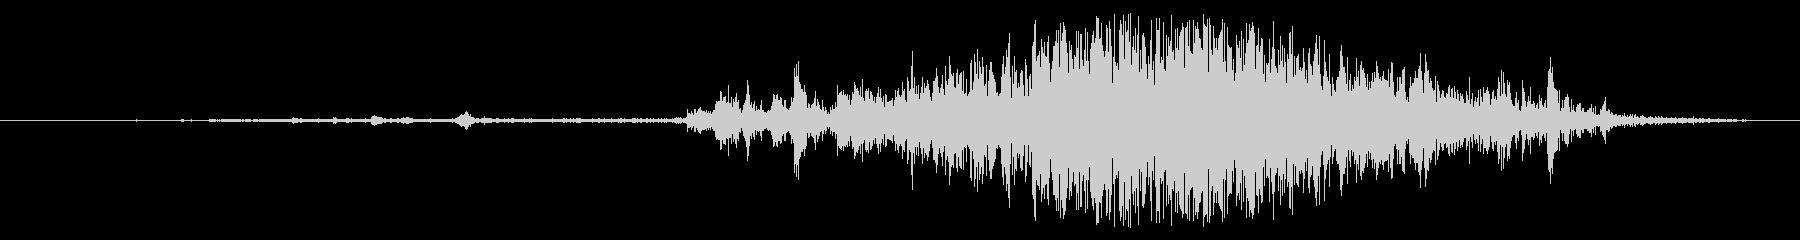 ボブスレー:スタートライン、ボイスの未再生の波形